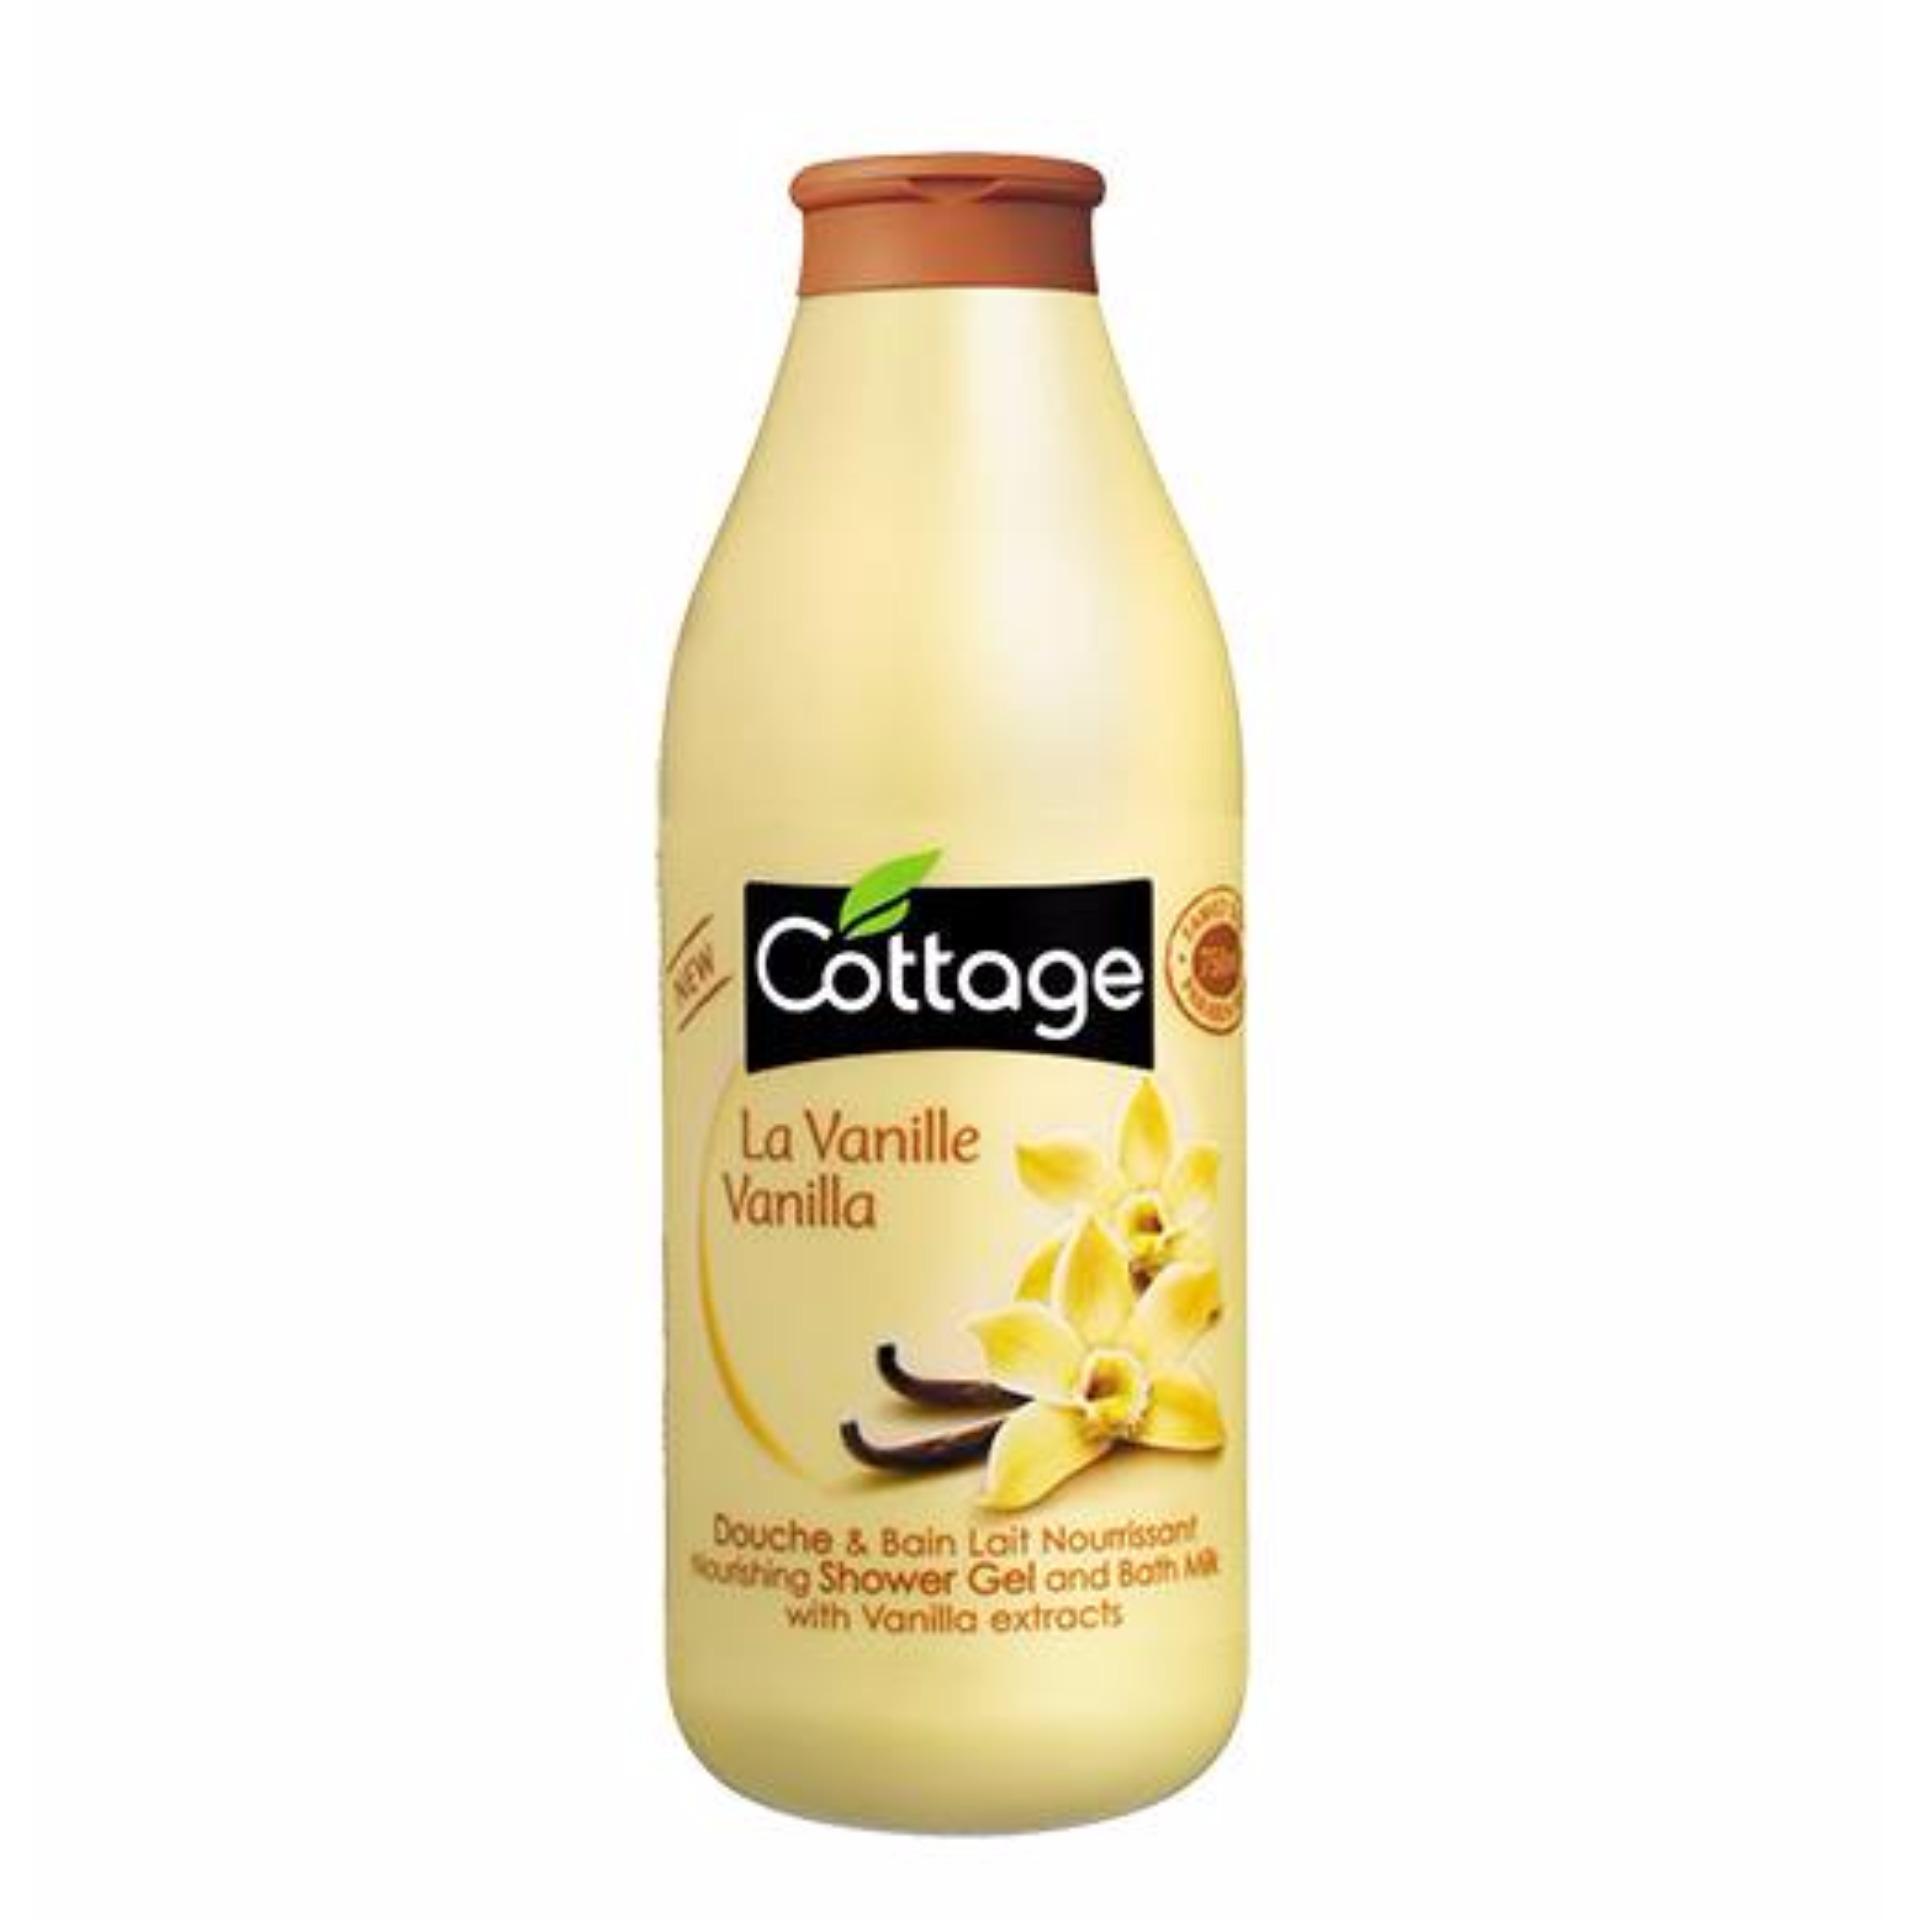 .Sữa tắm Cottage 750ml (Pháp) hàng chuẩn